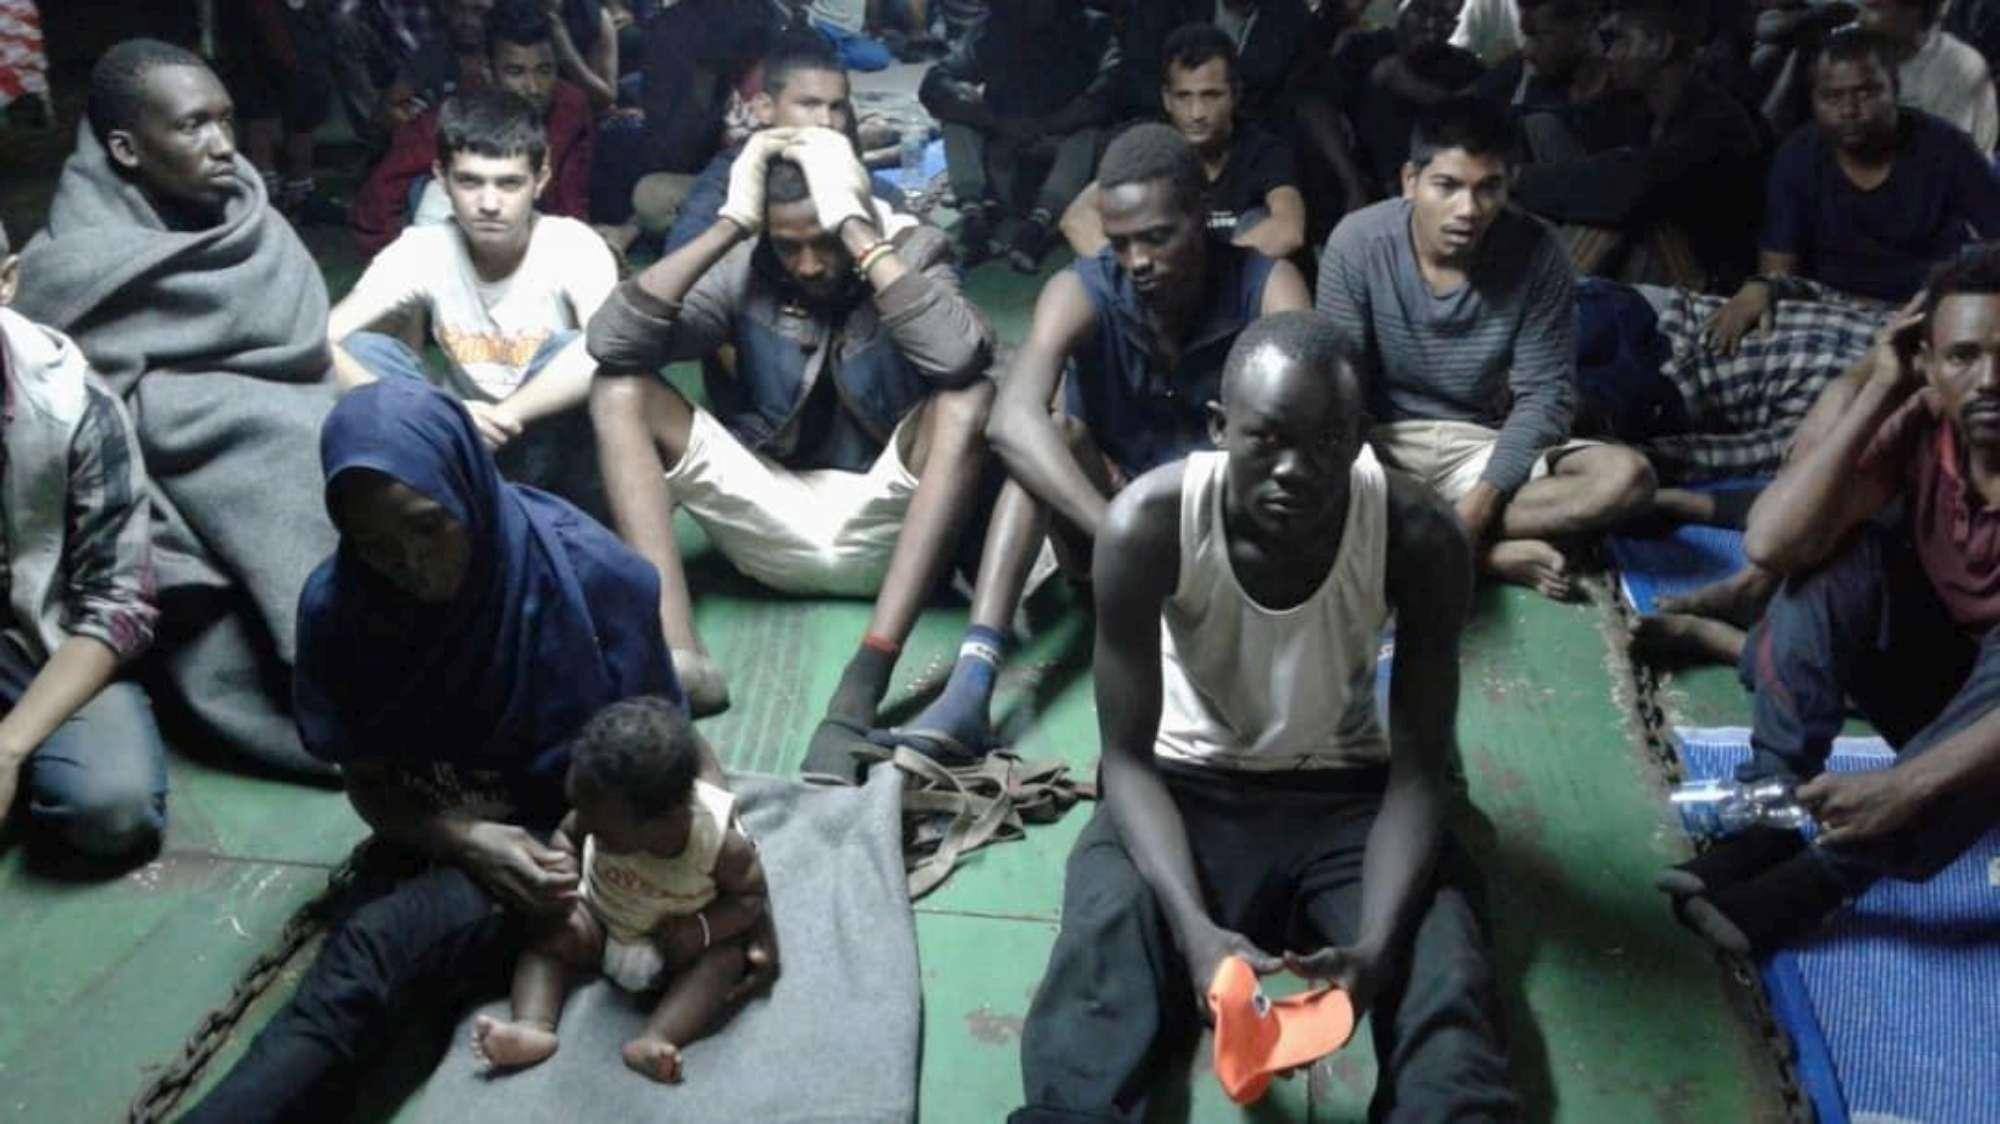 Ong:  Irruzione delle forze libiche sulla Nivin, violenze sui migranti